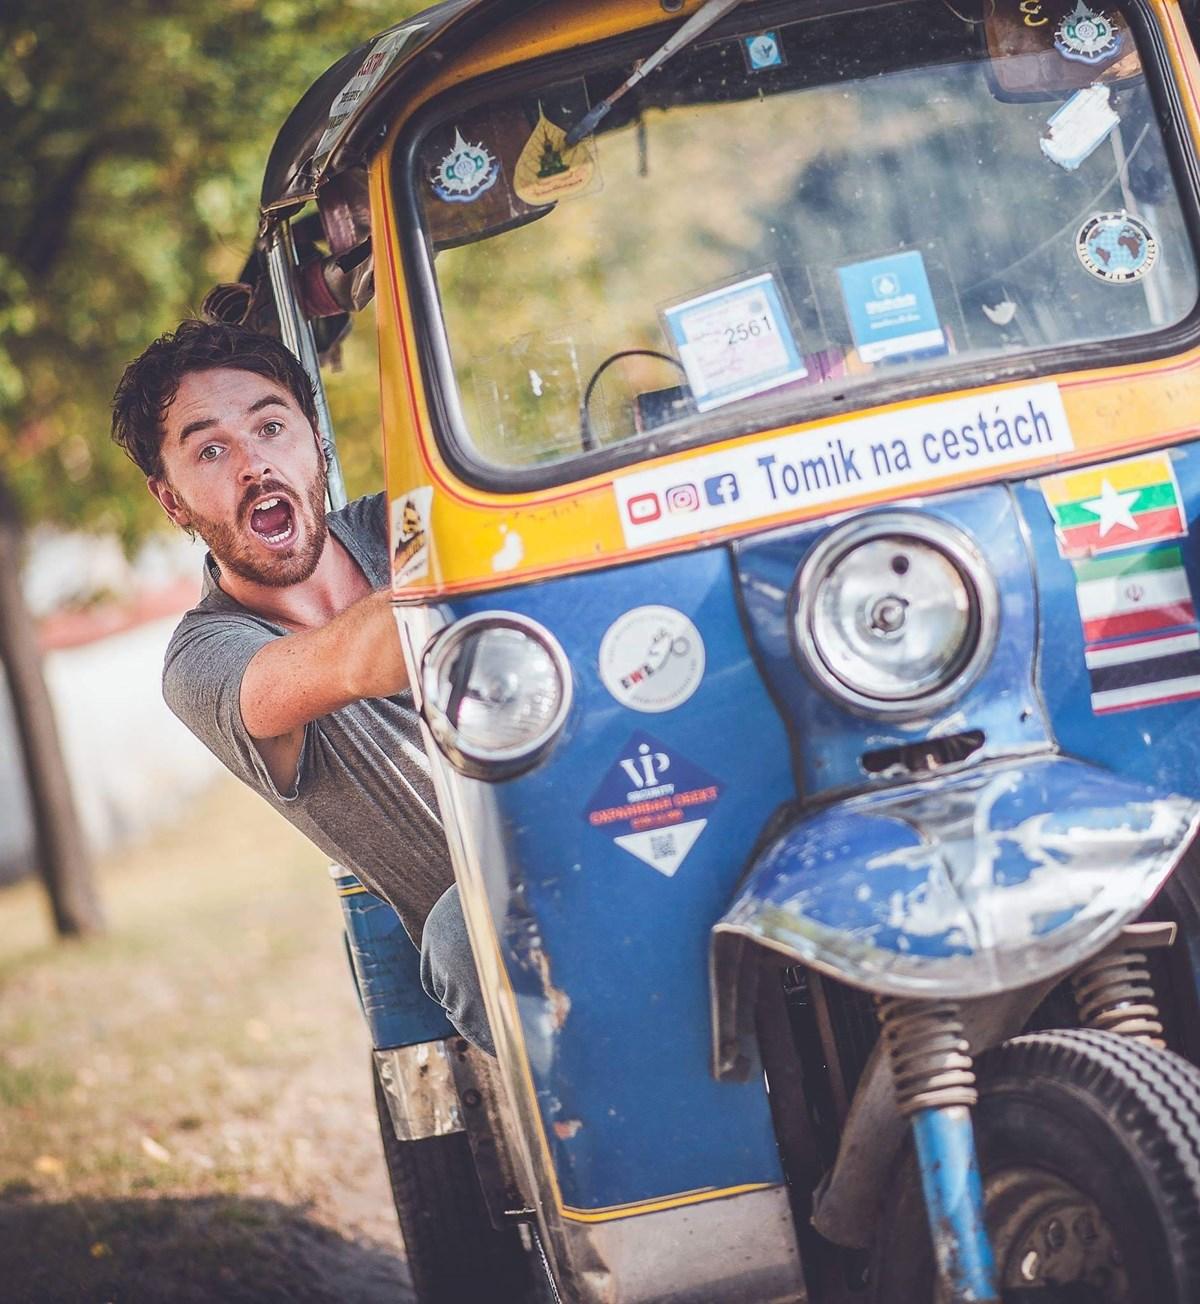 Tuktukem z Thajska na Moravu s Tomíkem na cestách / Písek